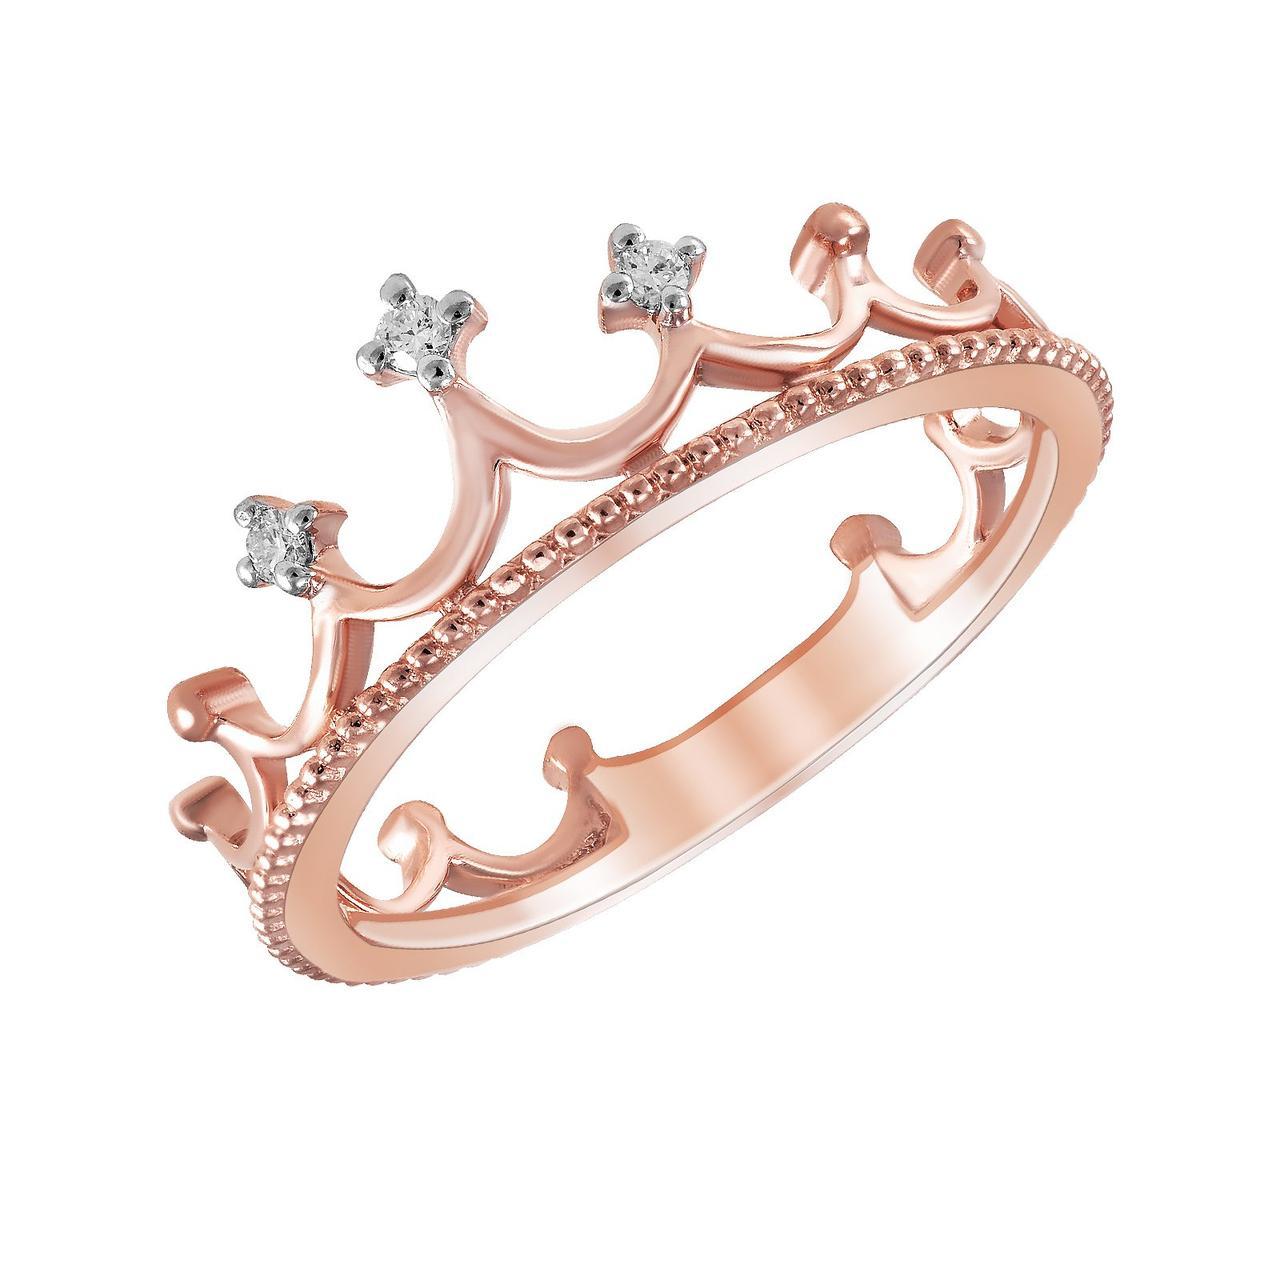 Золотое кольцо с бриллиантами, размер 15.5 (278070)